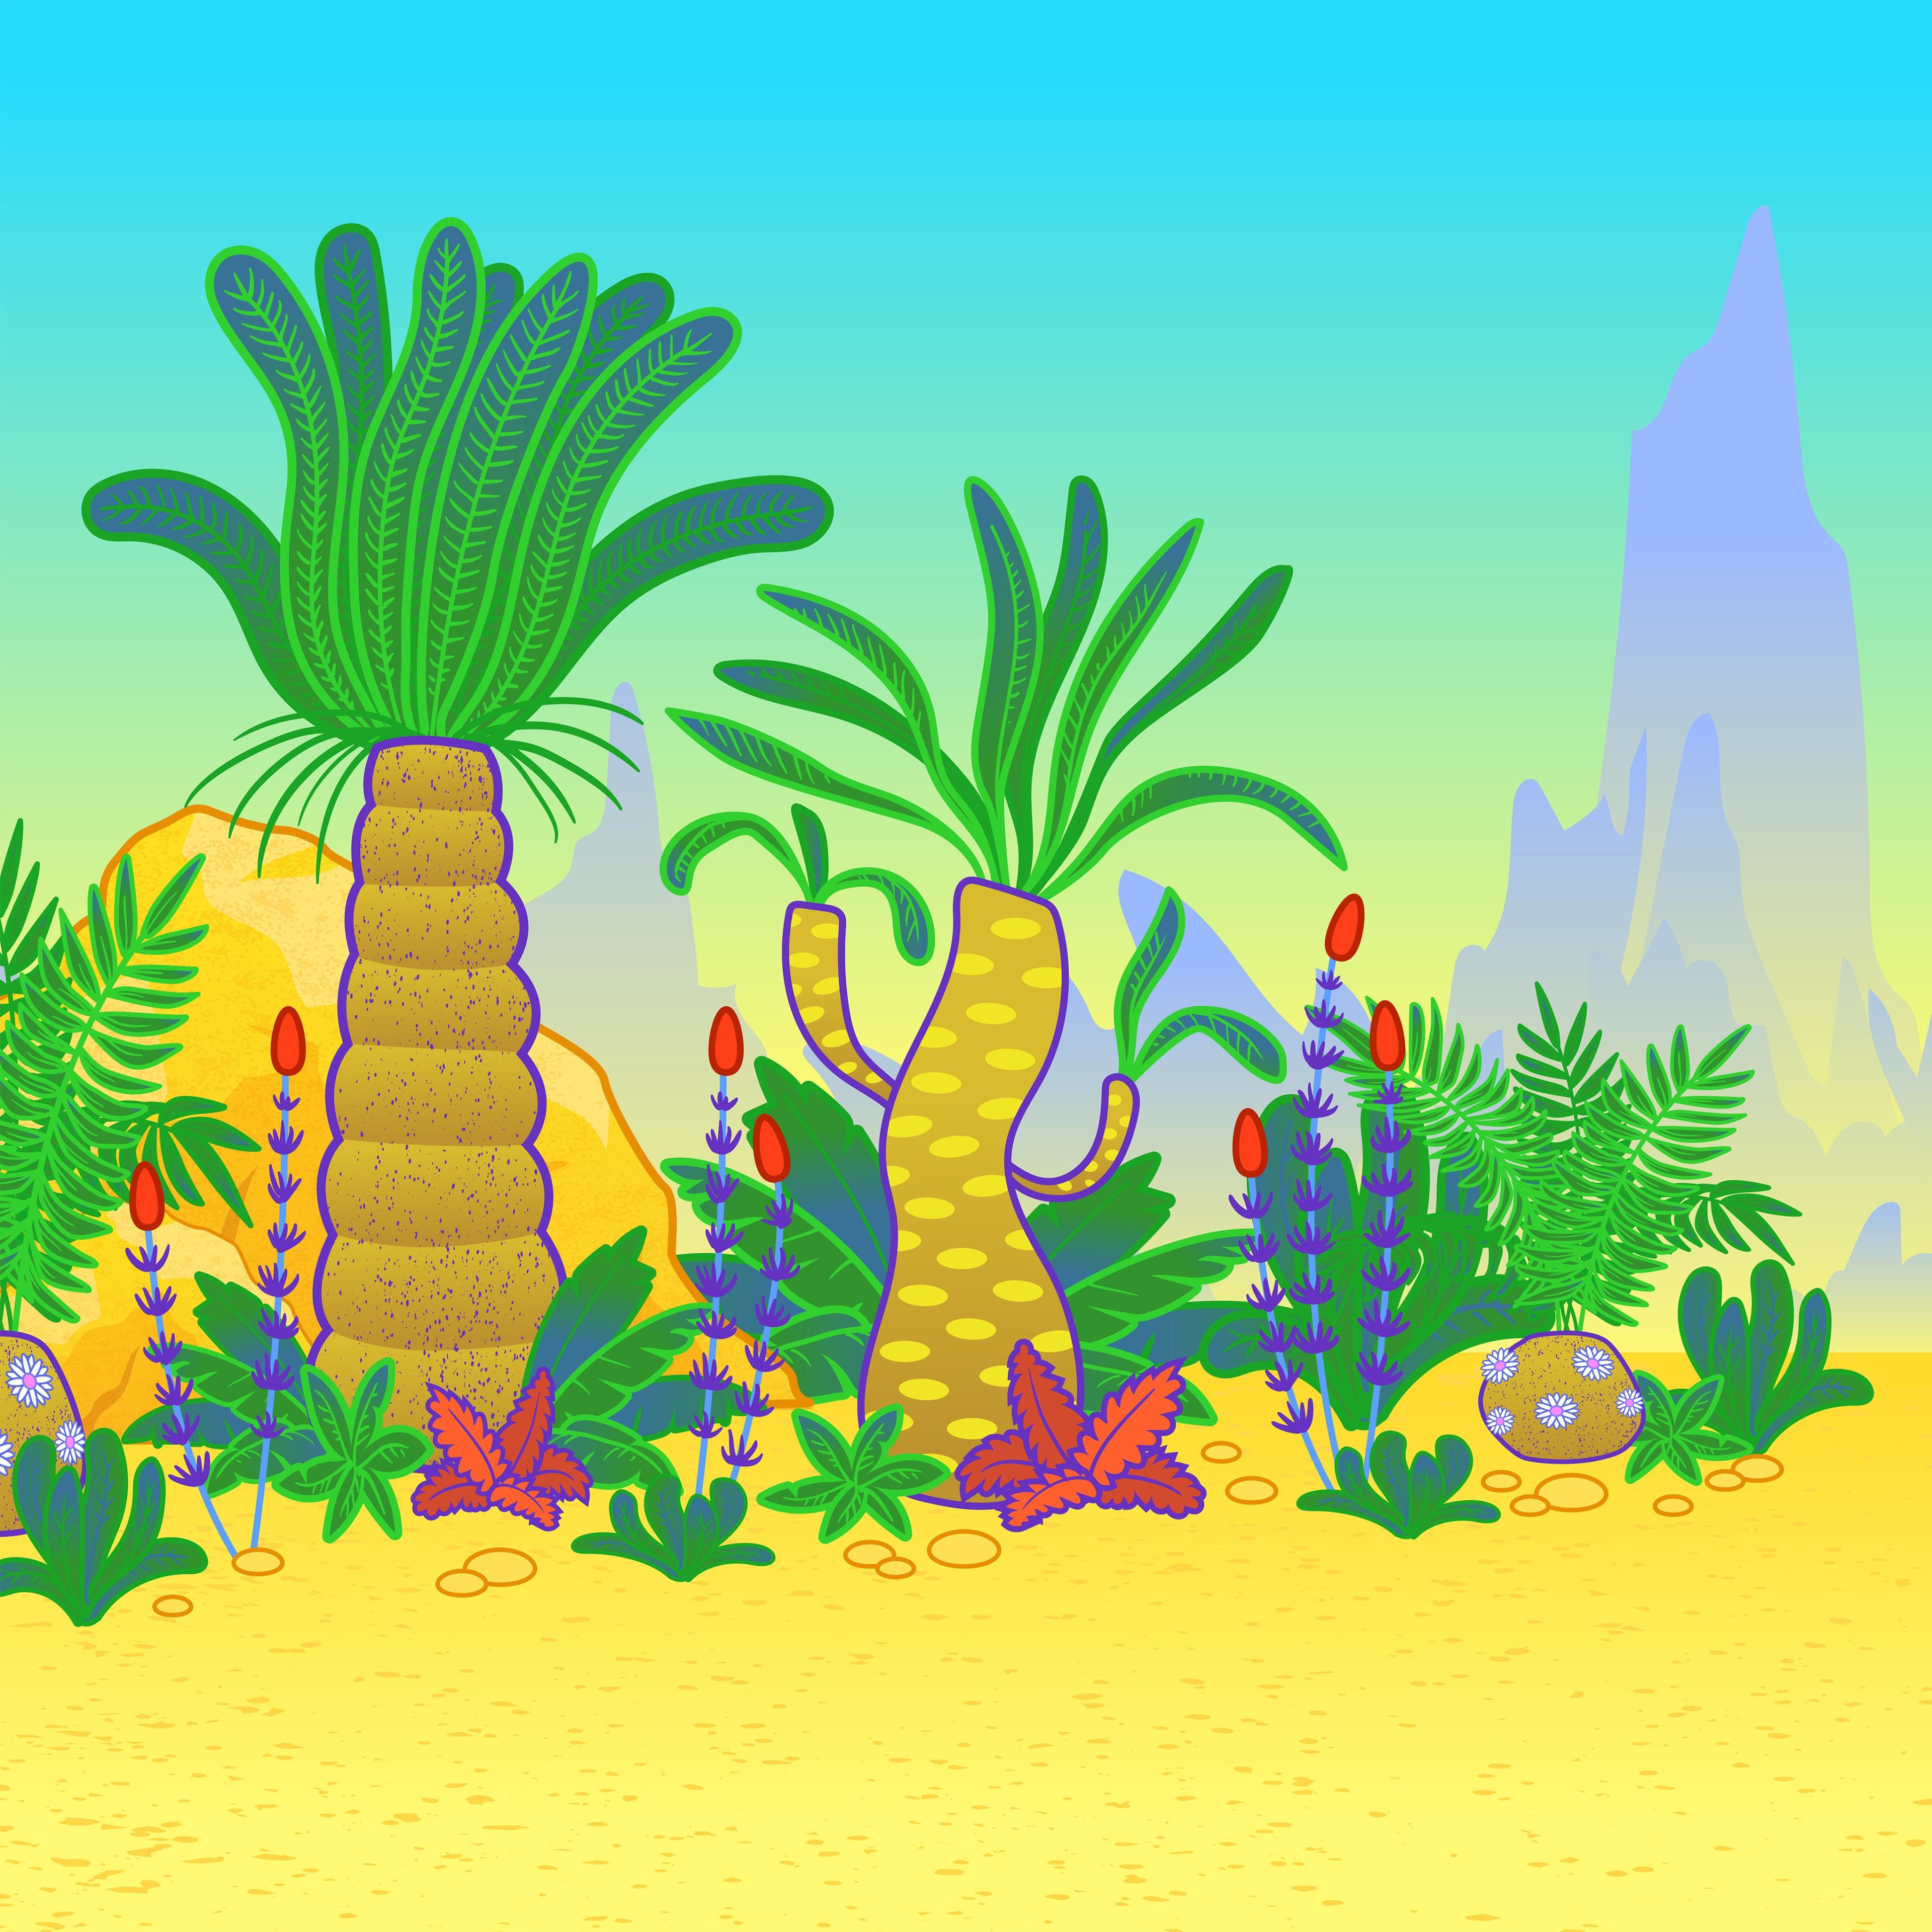 Ceratopia animation, Dinosaur Kind animation